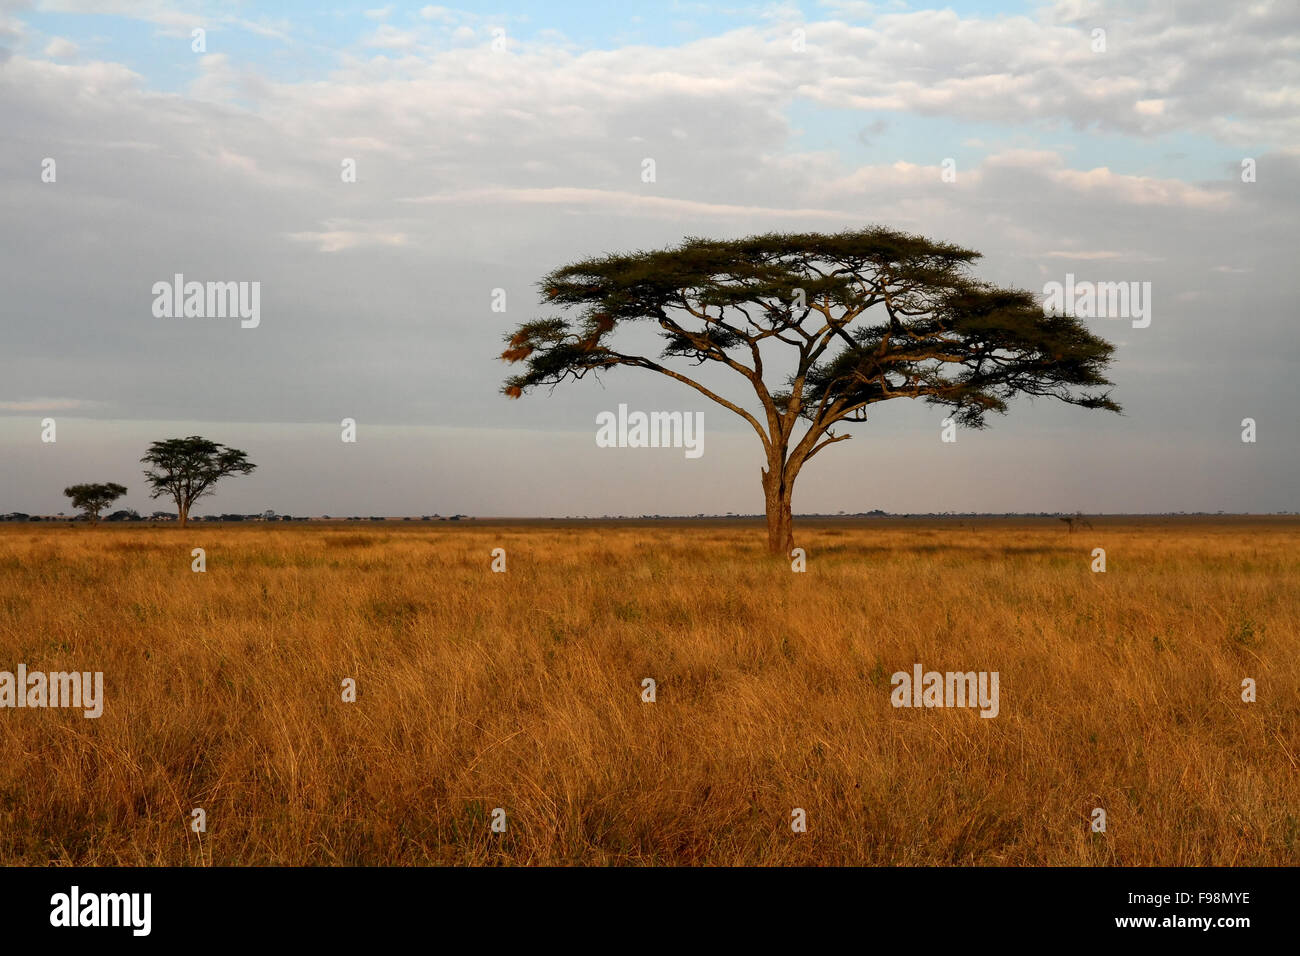 Acacia arbres échelonnées sur les prairies d'Afrique savannah Photo Stock